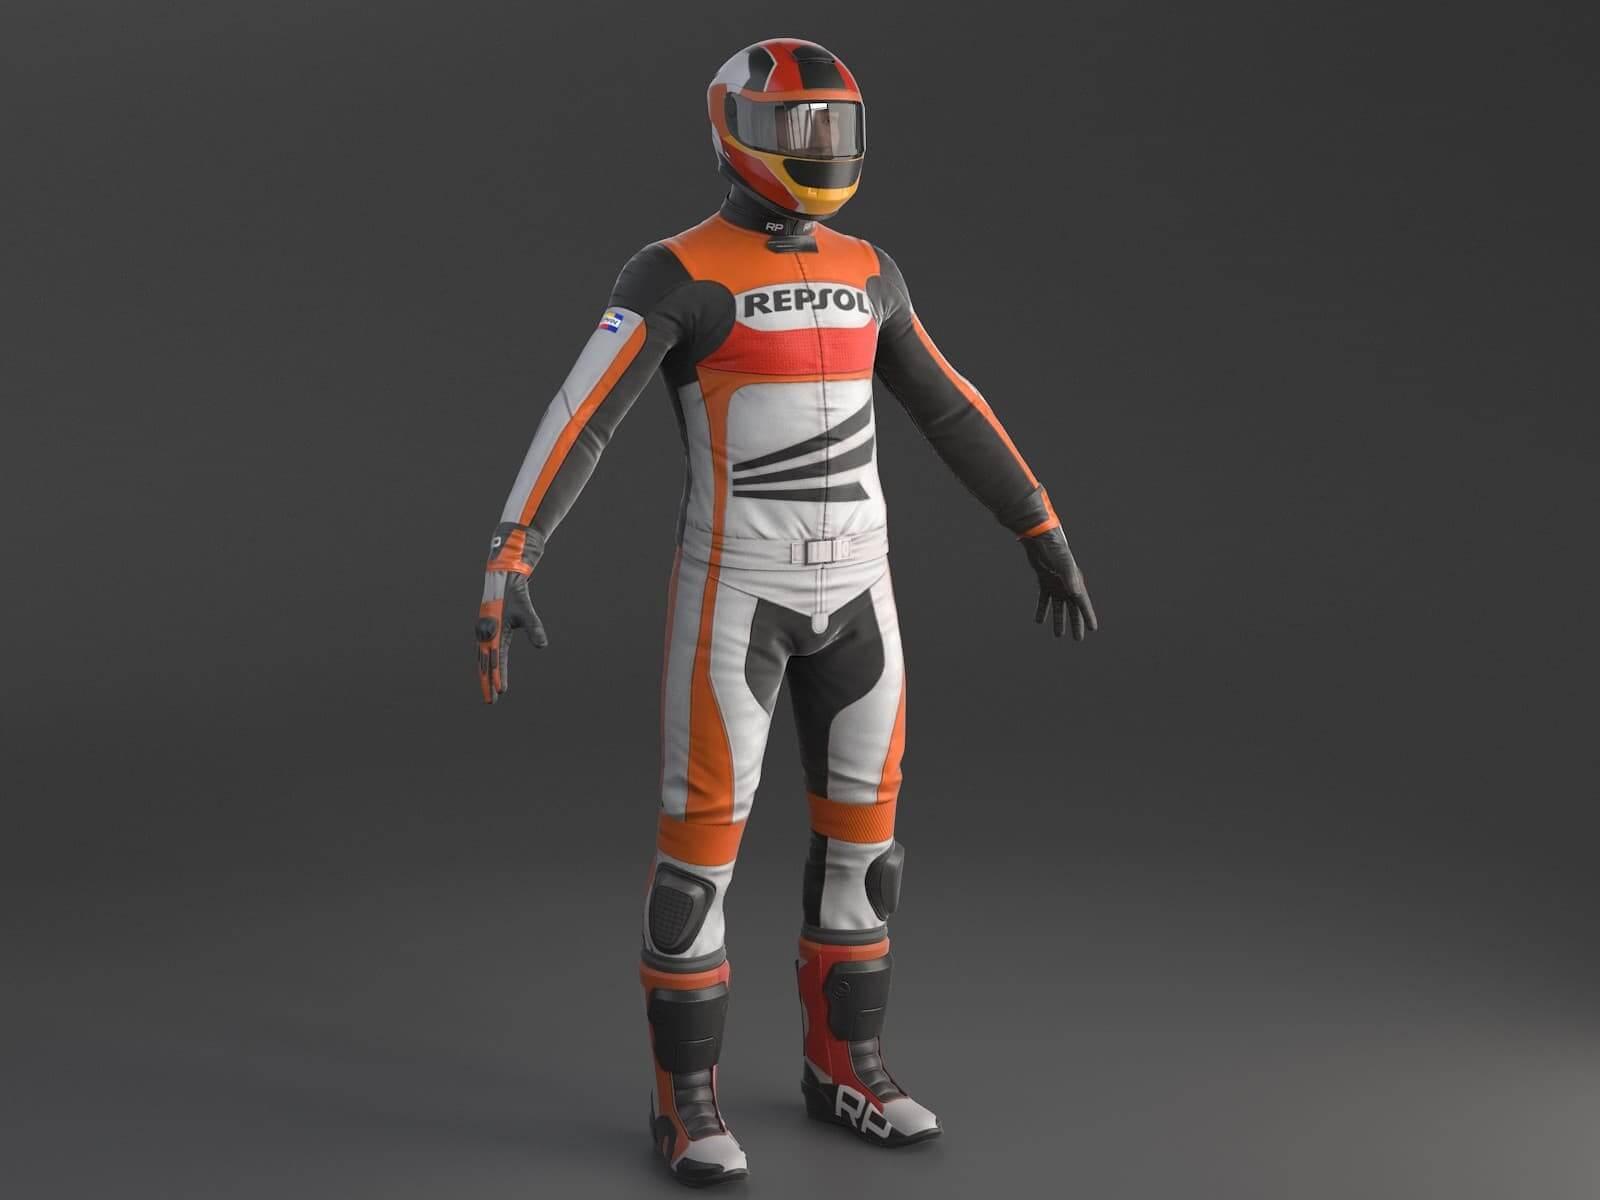 Biker Racing Motorcycle Rider 3D Model